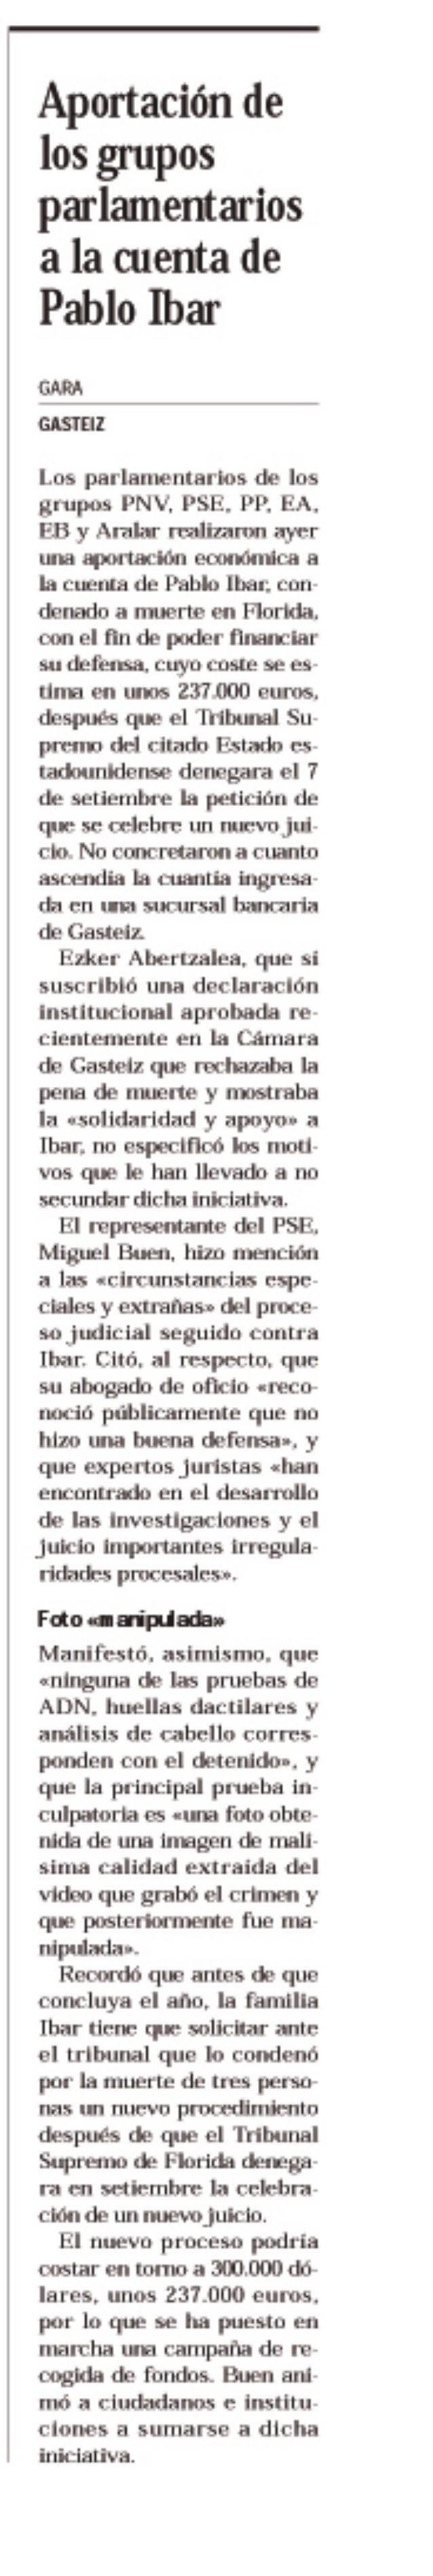 Aportación de los grupos parlamentarios a la cuenta de Pablo Ibar